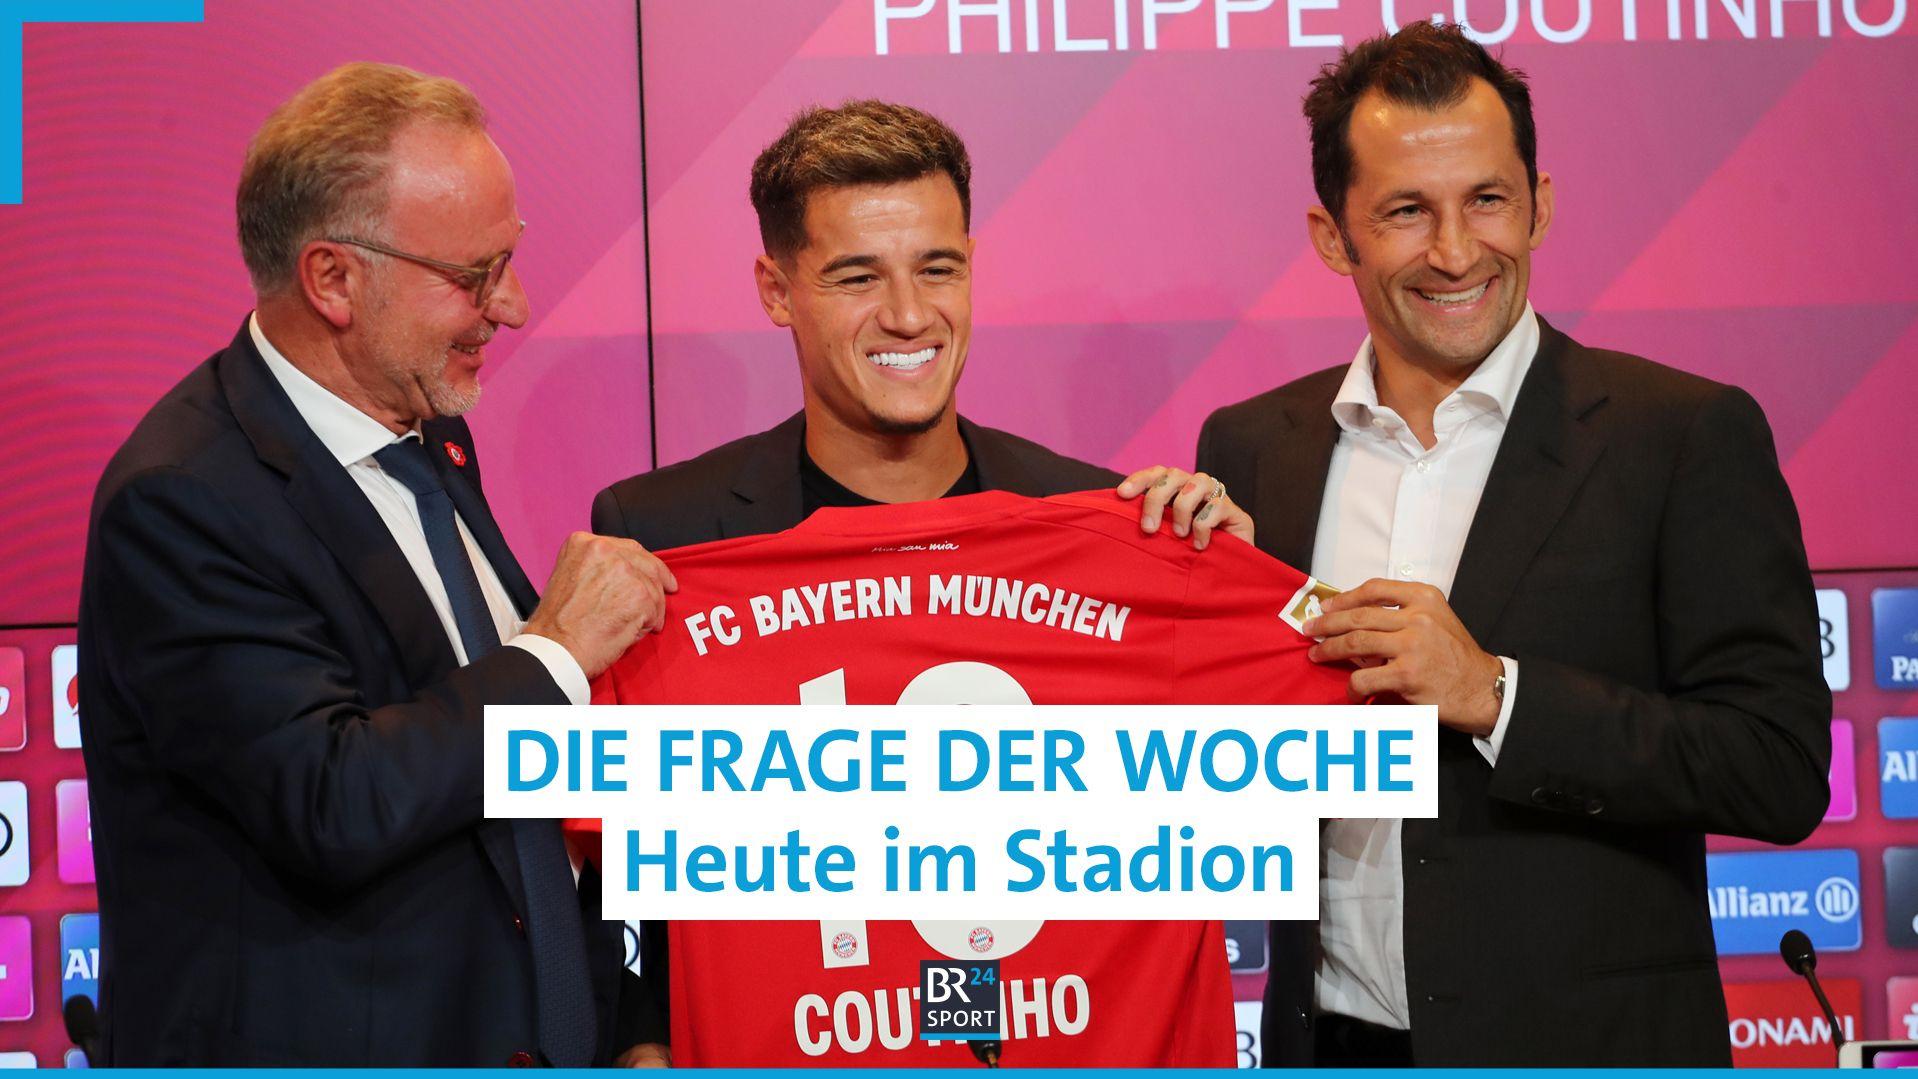 Karl-Heinz Rummenigge, Philippe Coutinho und Hasan Salihamidzic